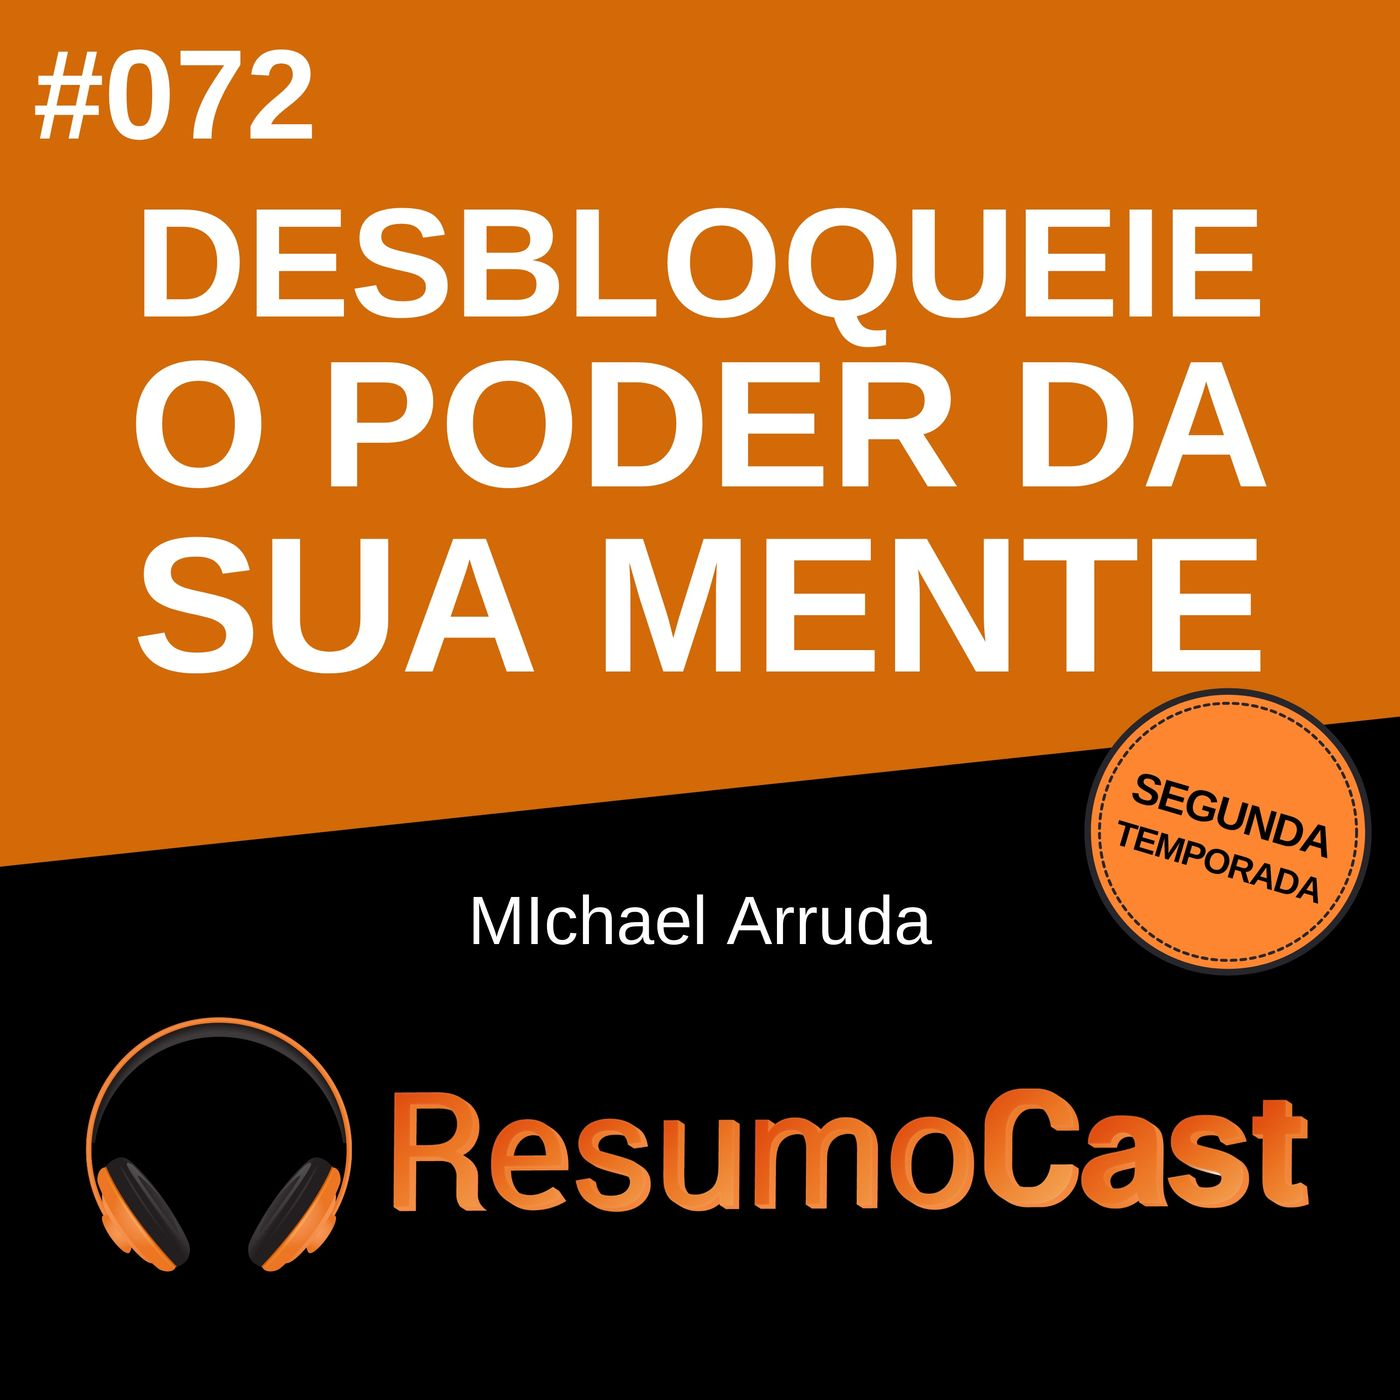 T2#072 Desbloqueie o poder da sua mente | Michael Arruda